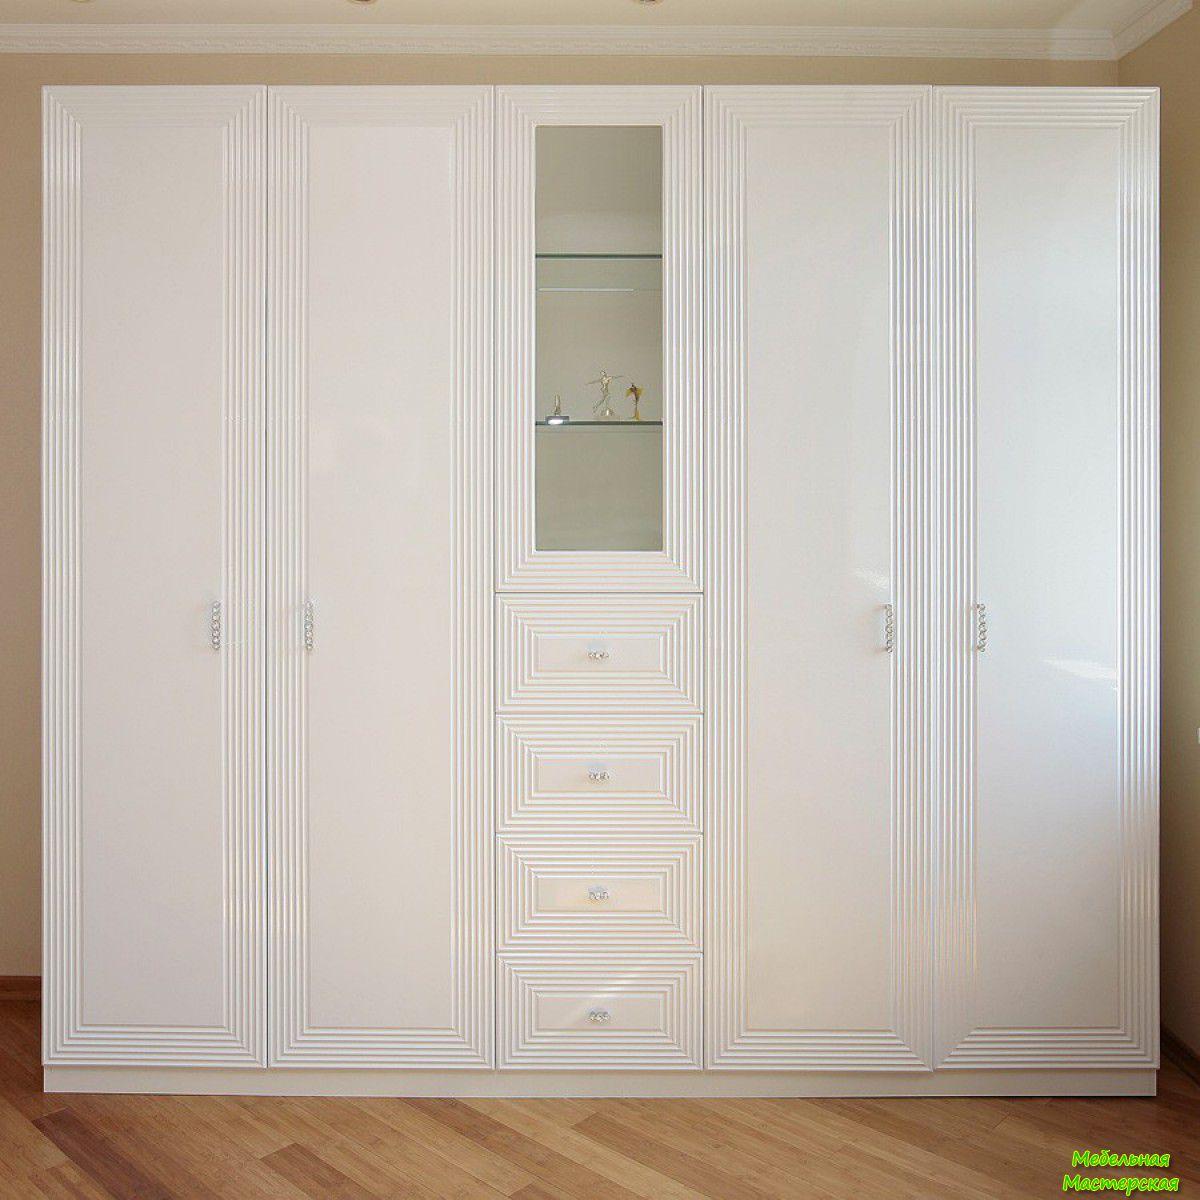 Cтенки и гостиные - каталог - мебель в серпухове - кухни, шк.